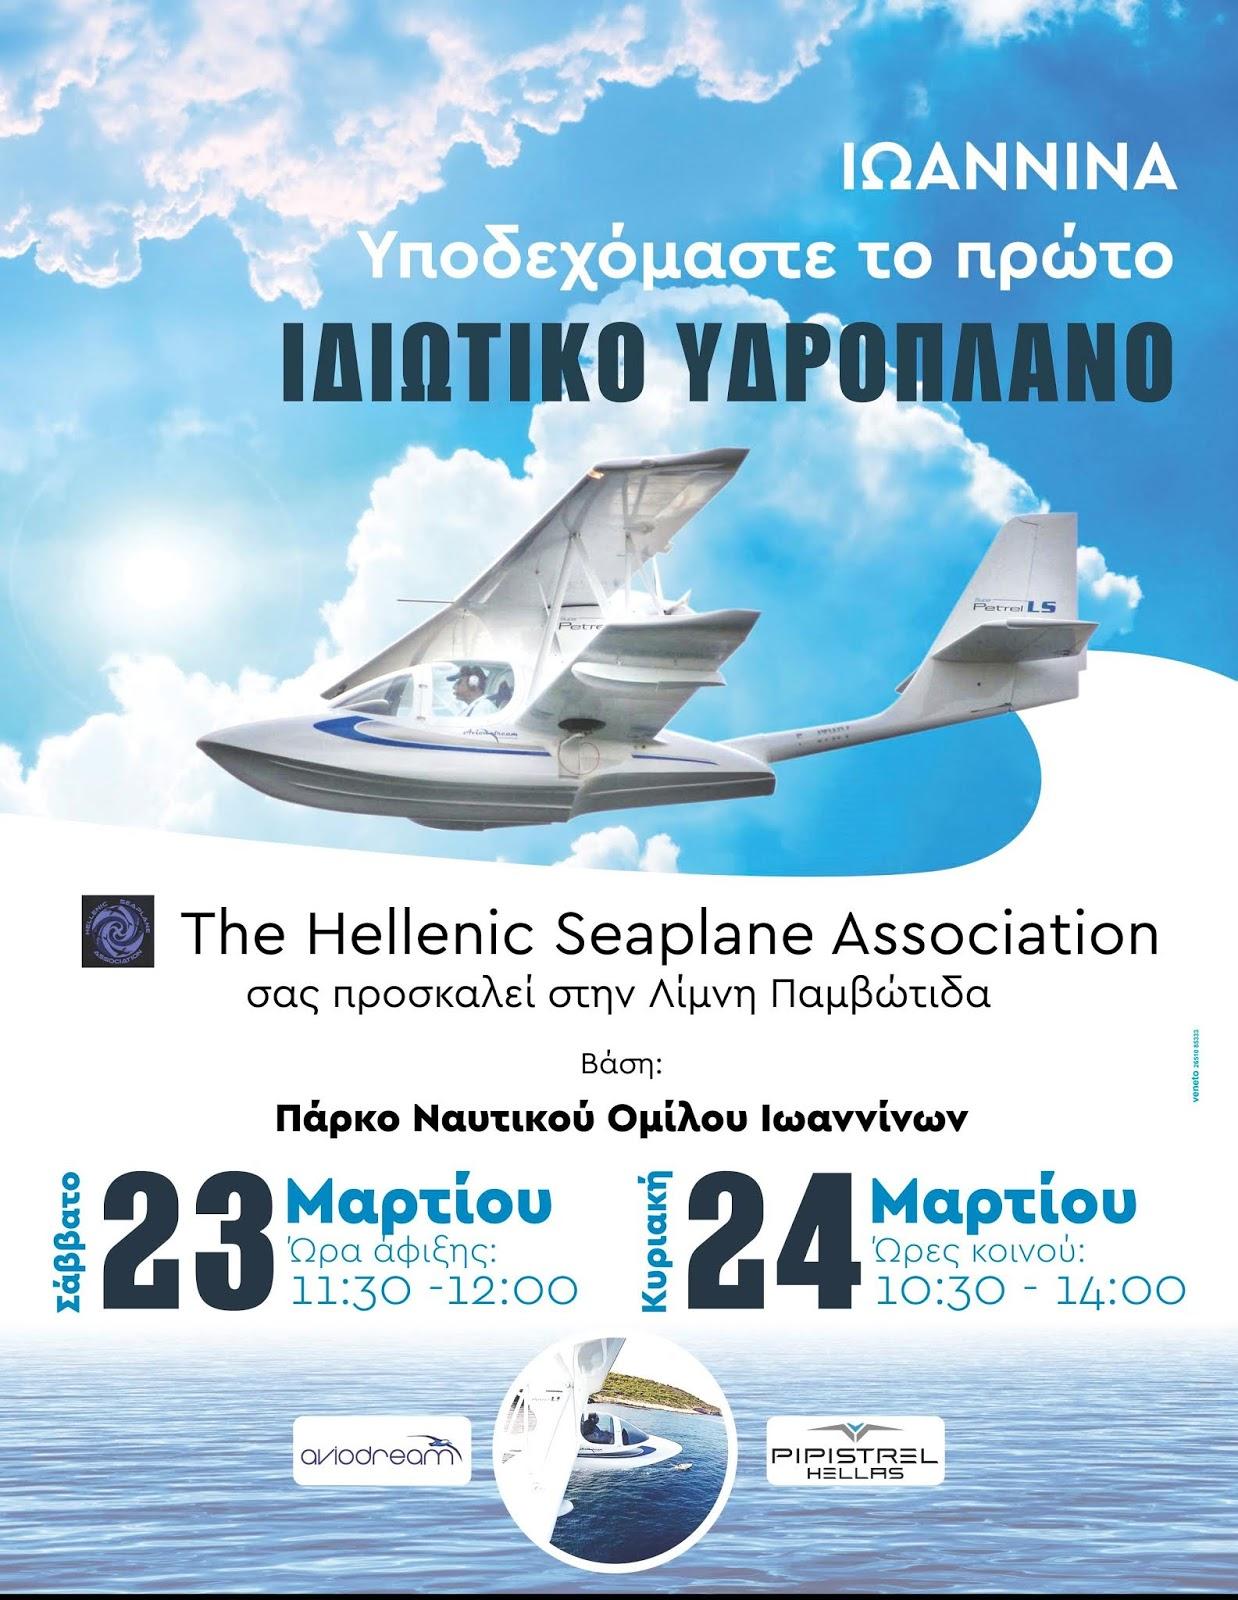 Αεραθλητική εκδήλωση : Το πρώτο ιδιωτικό υδροπλάνο στα Ιωάννινα είναι γεγονός!!